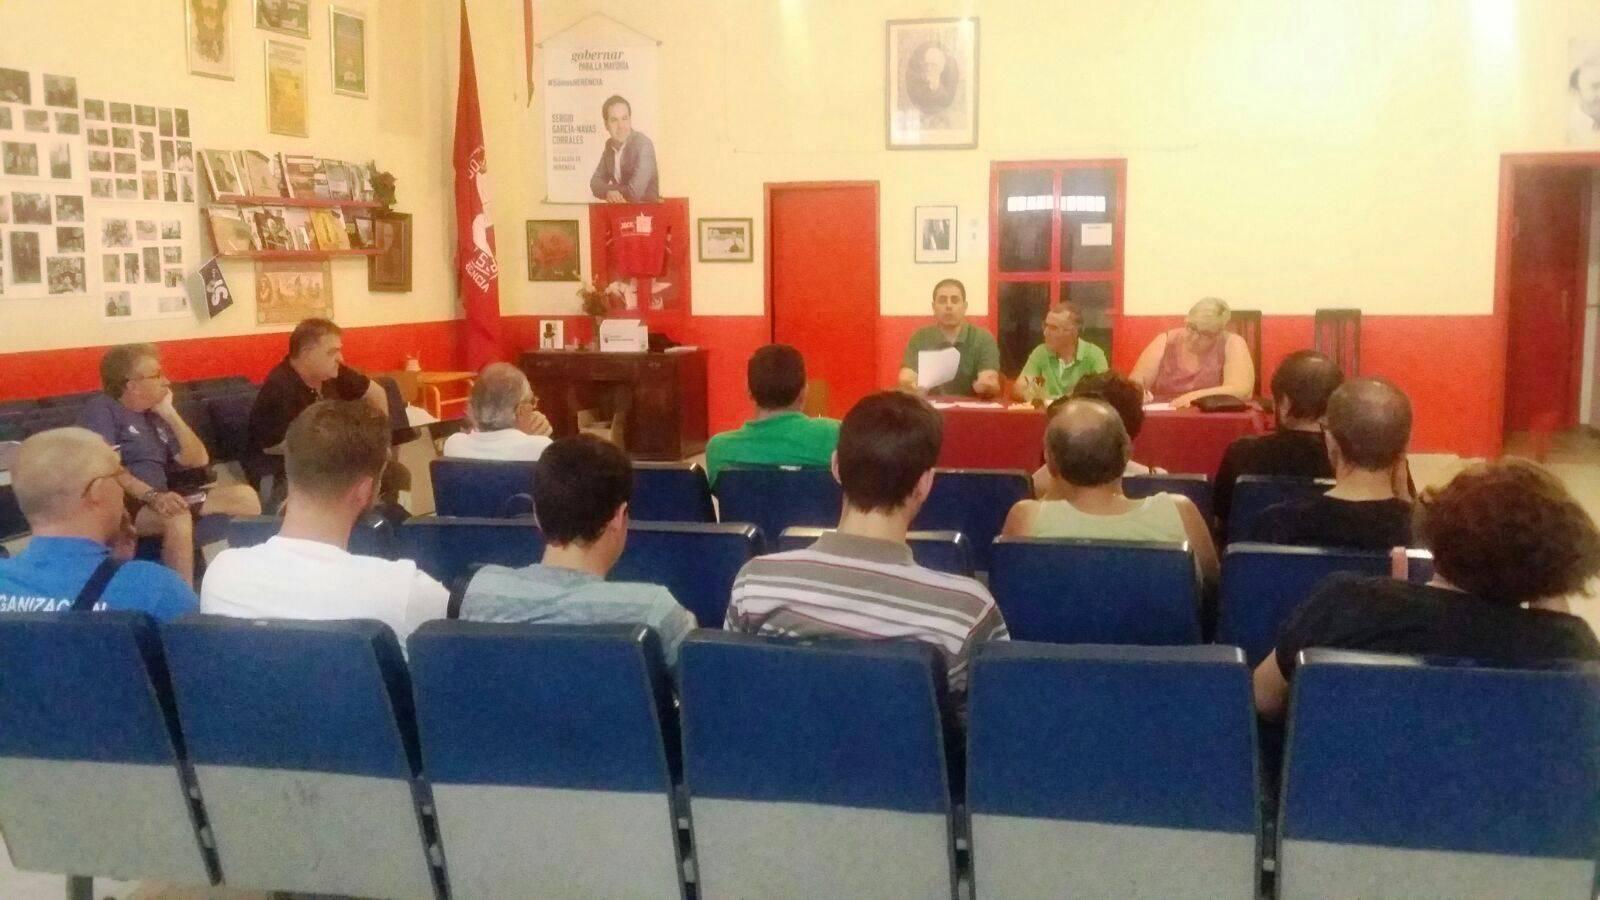 La asamblea del PSOE de Herencia considera importante aprobar los presupuestos regionales 1